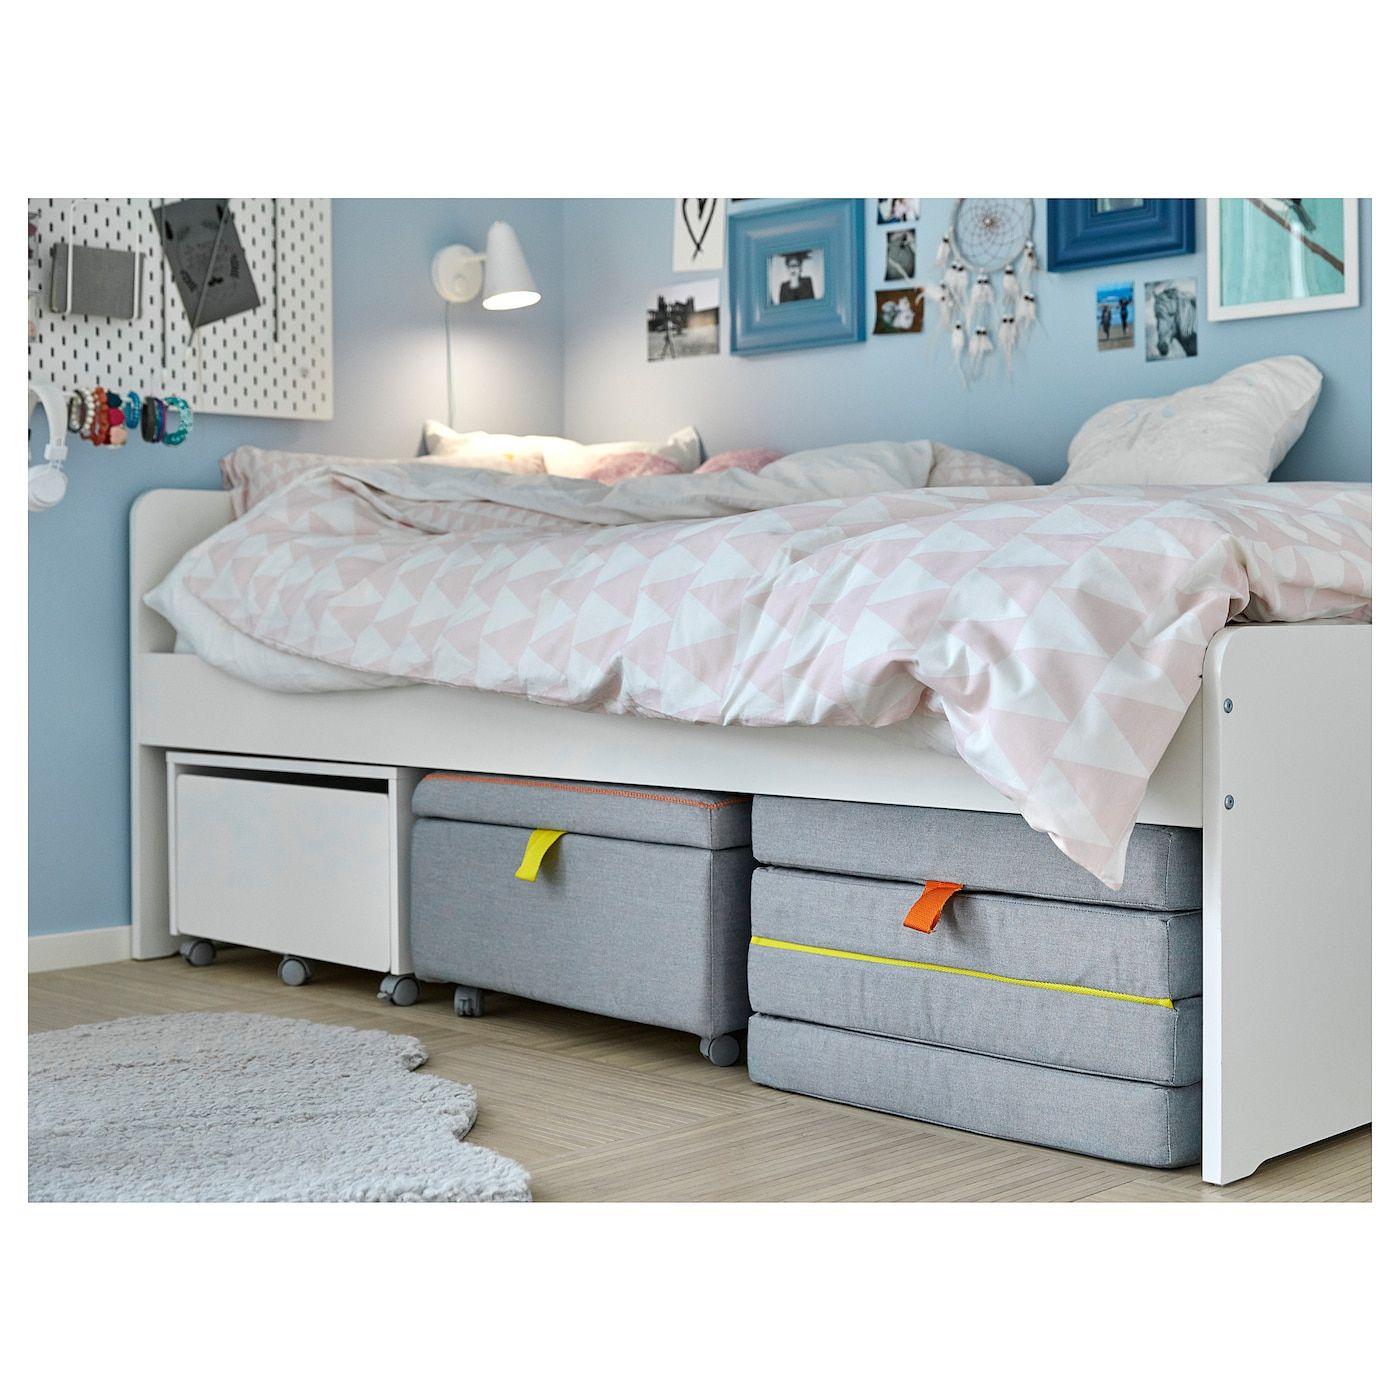 IKEA SLÄKT Mattress, folding in 2020 Ikea, Mattress